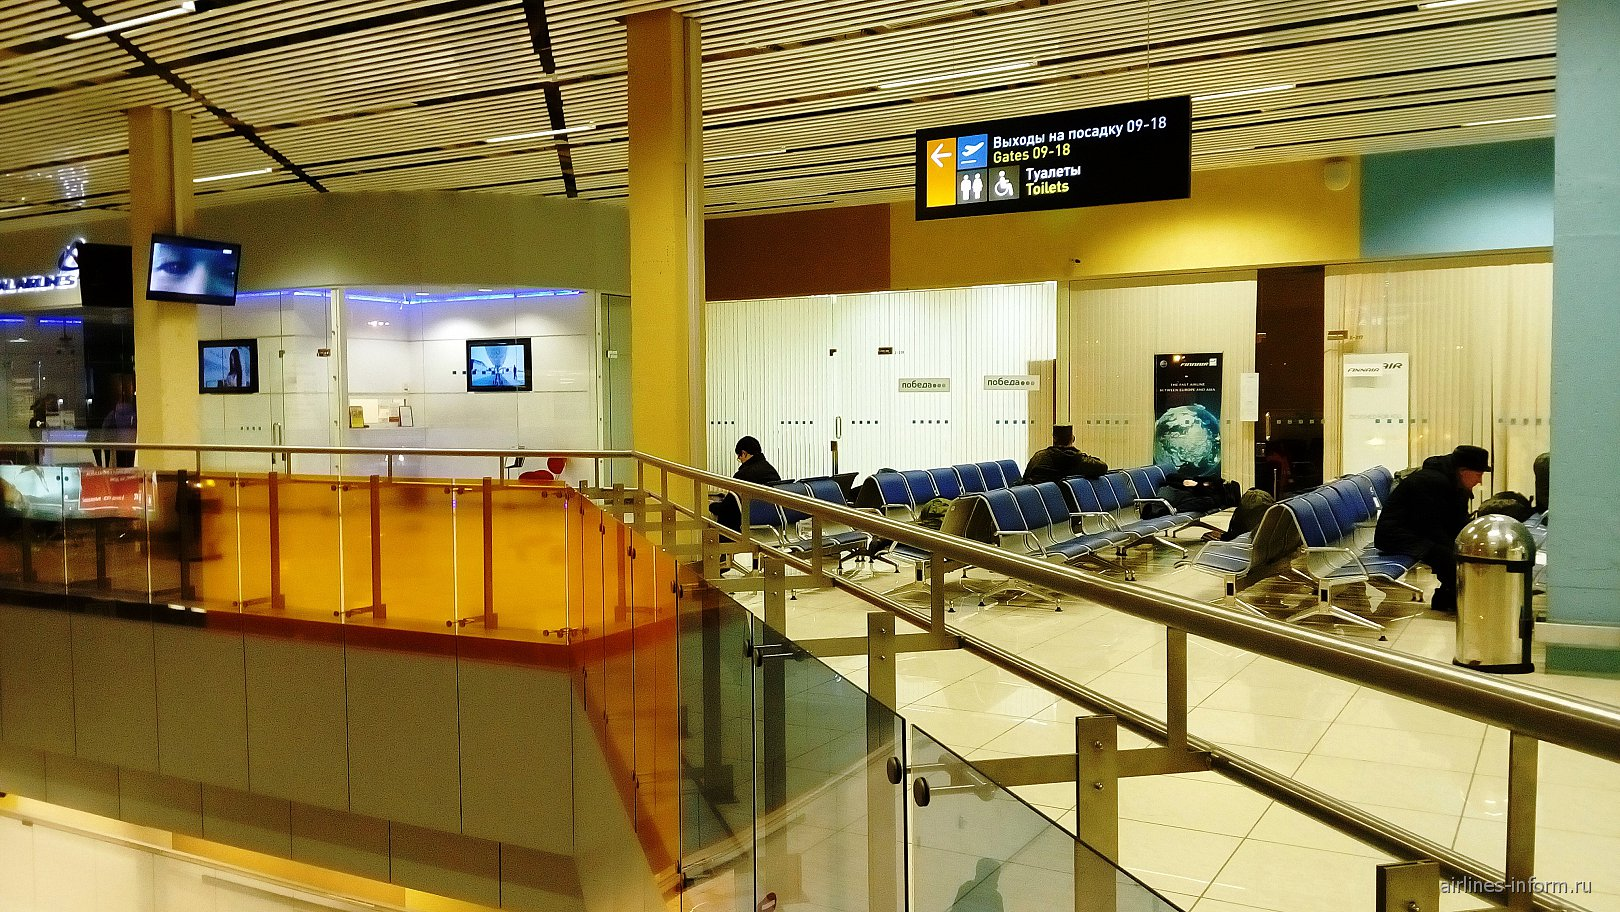 Зал ожидания на втором этаже в аэропорту Екатеринбург Кольцово